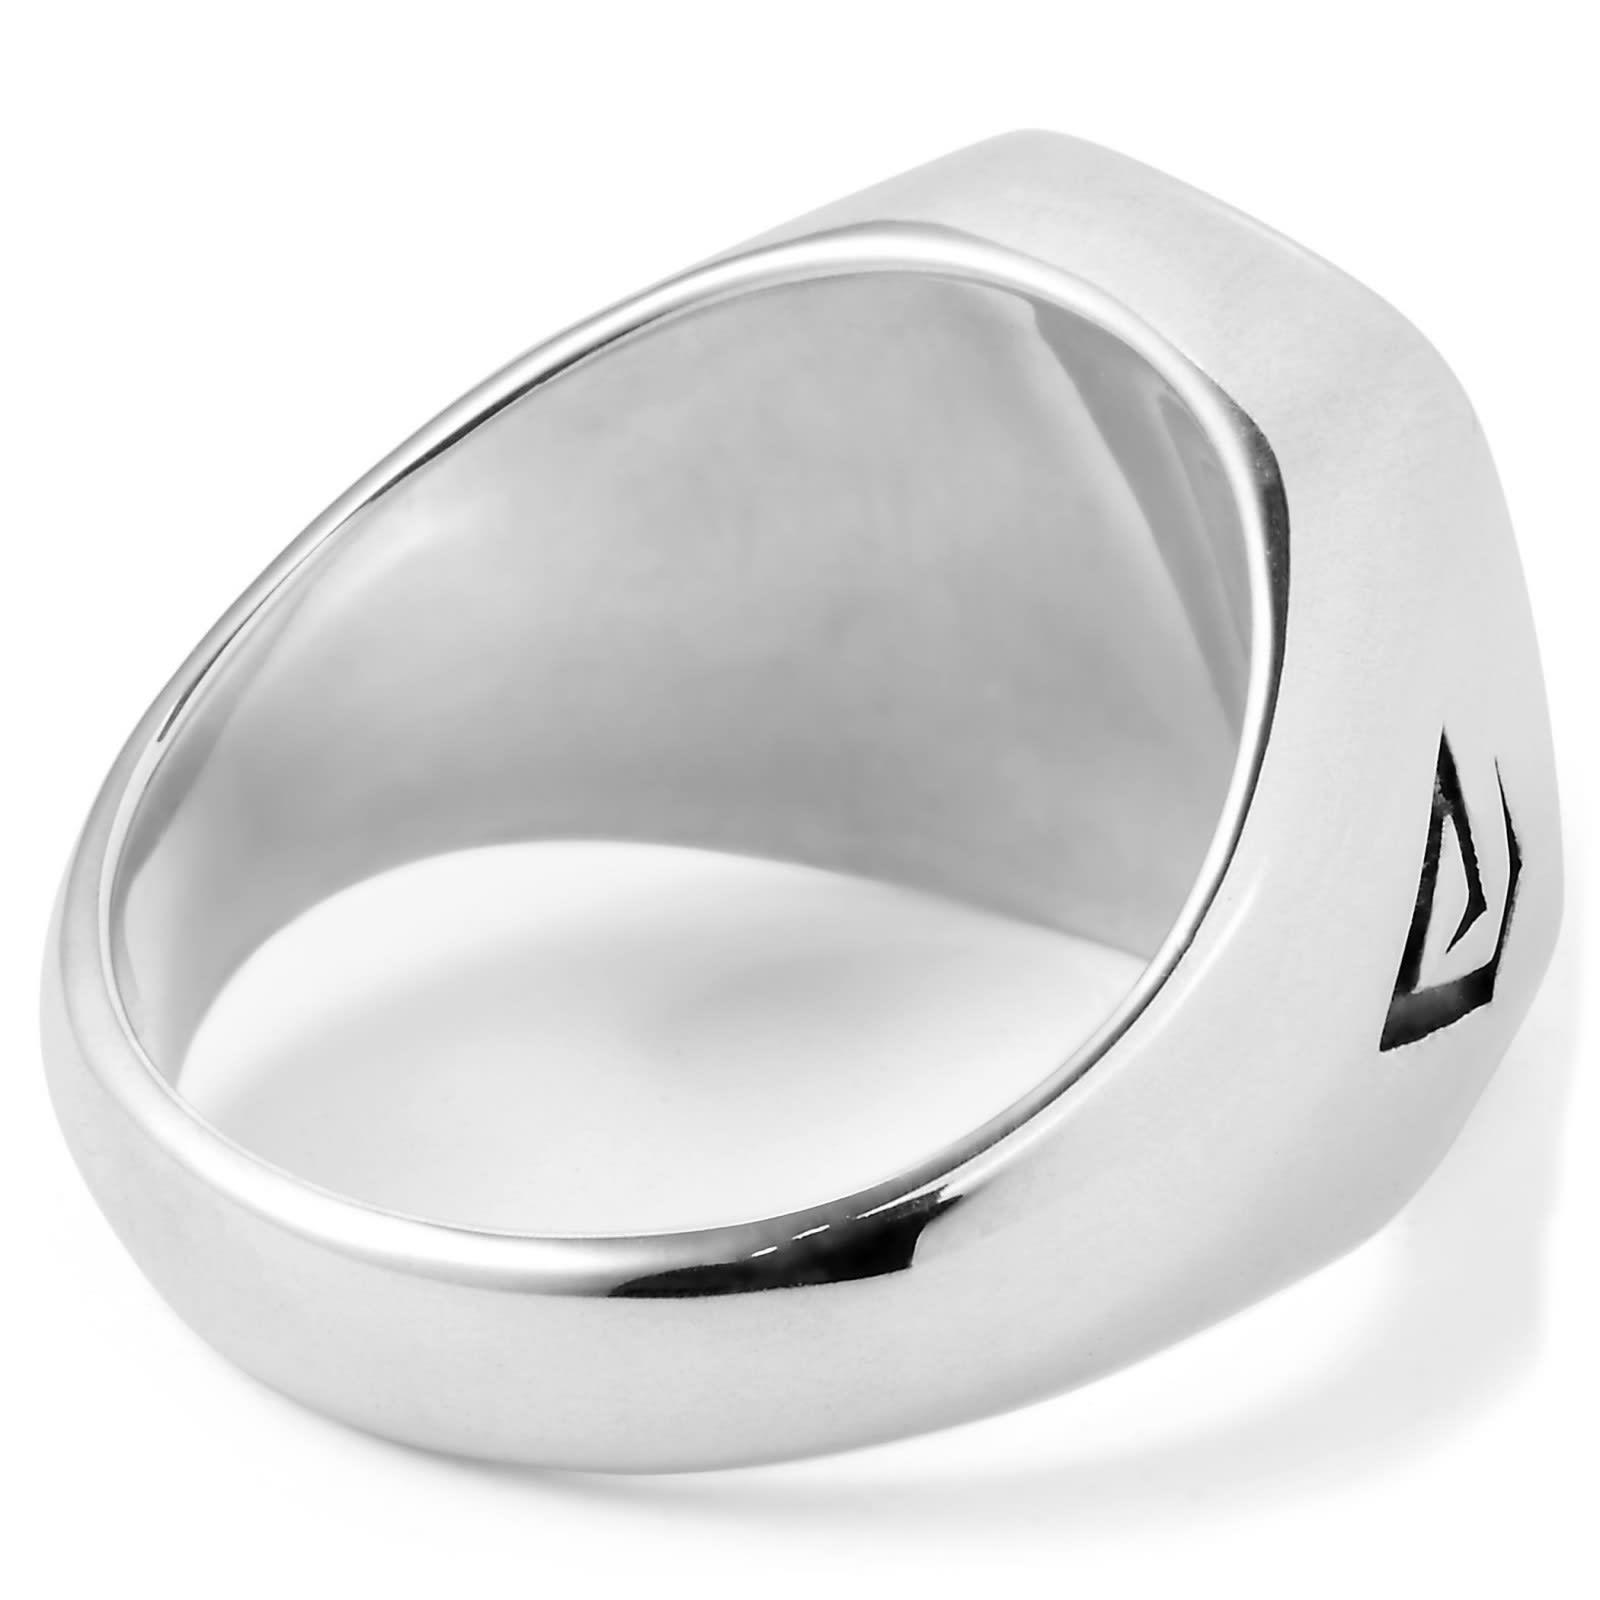 Ραντεβού δαχτυλίδι Κέιτι